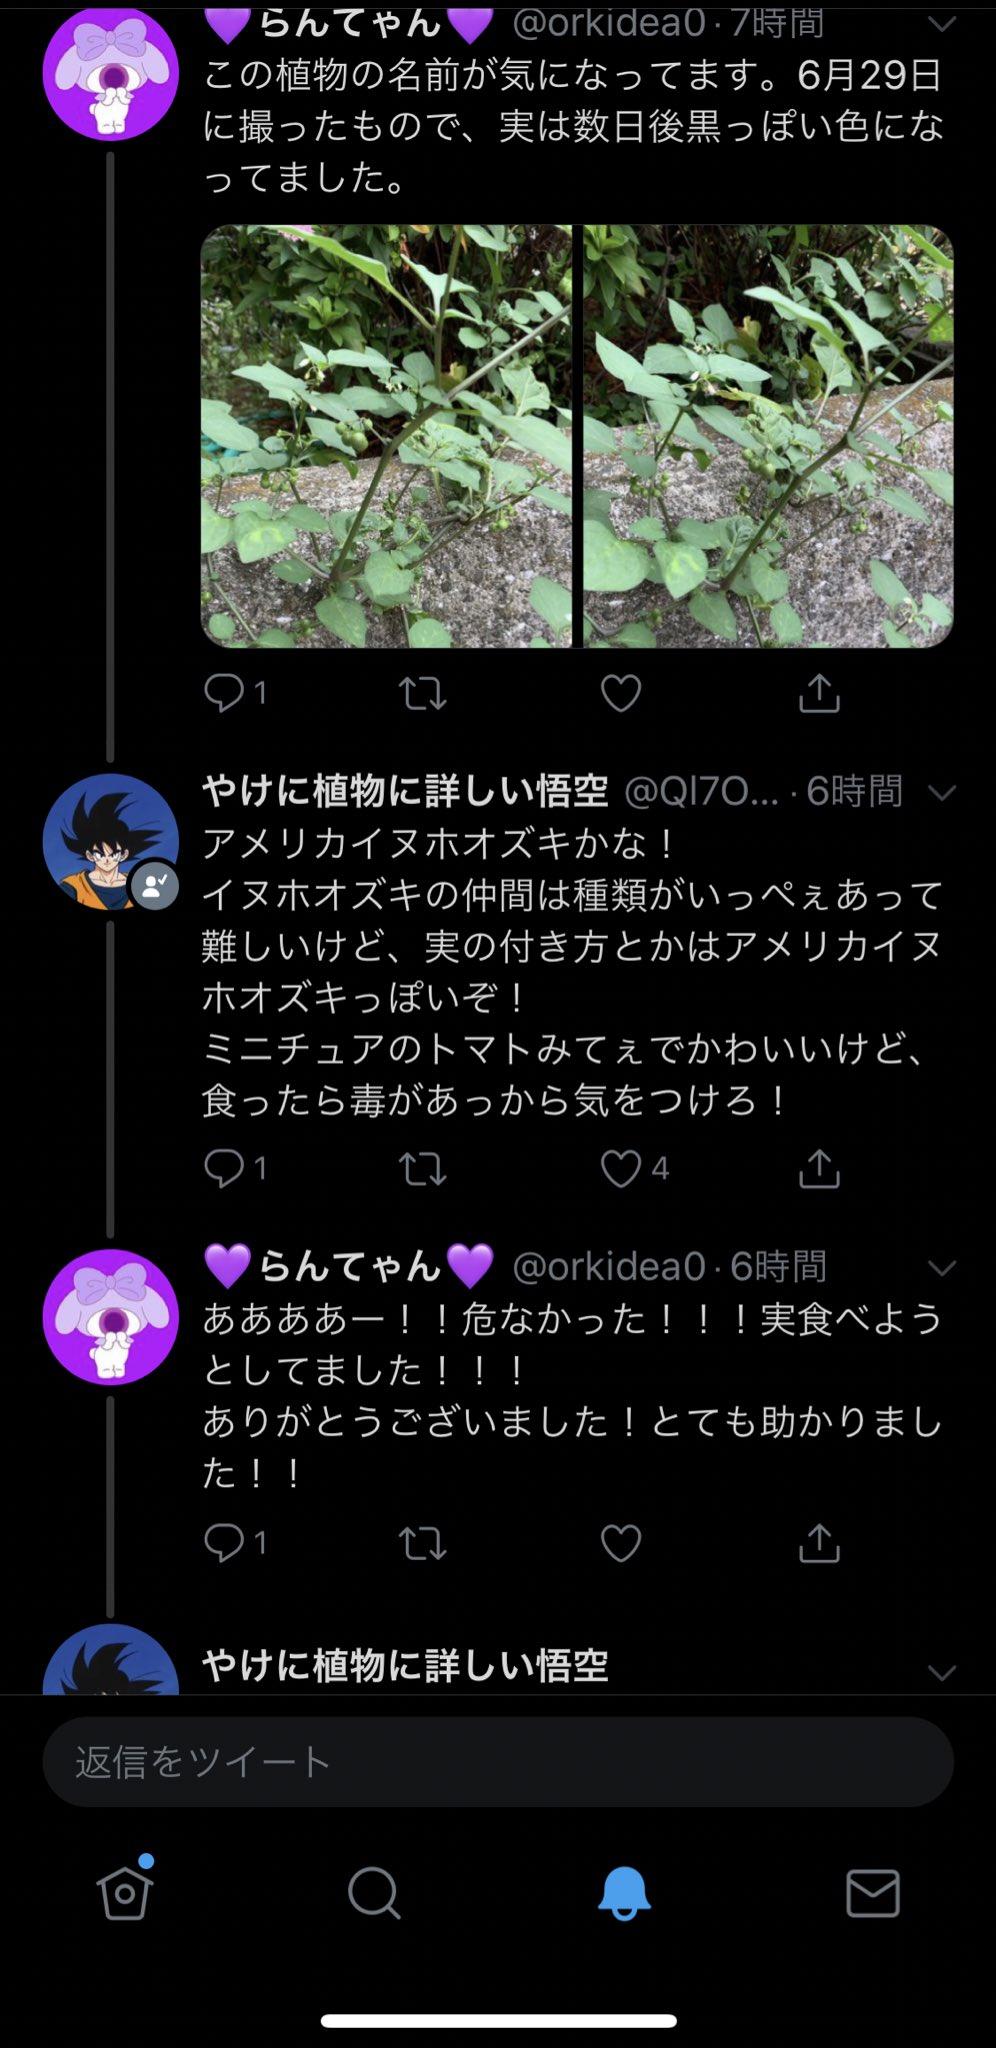 やけに植物に詳しい悟空がツイッターに出現www